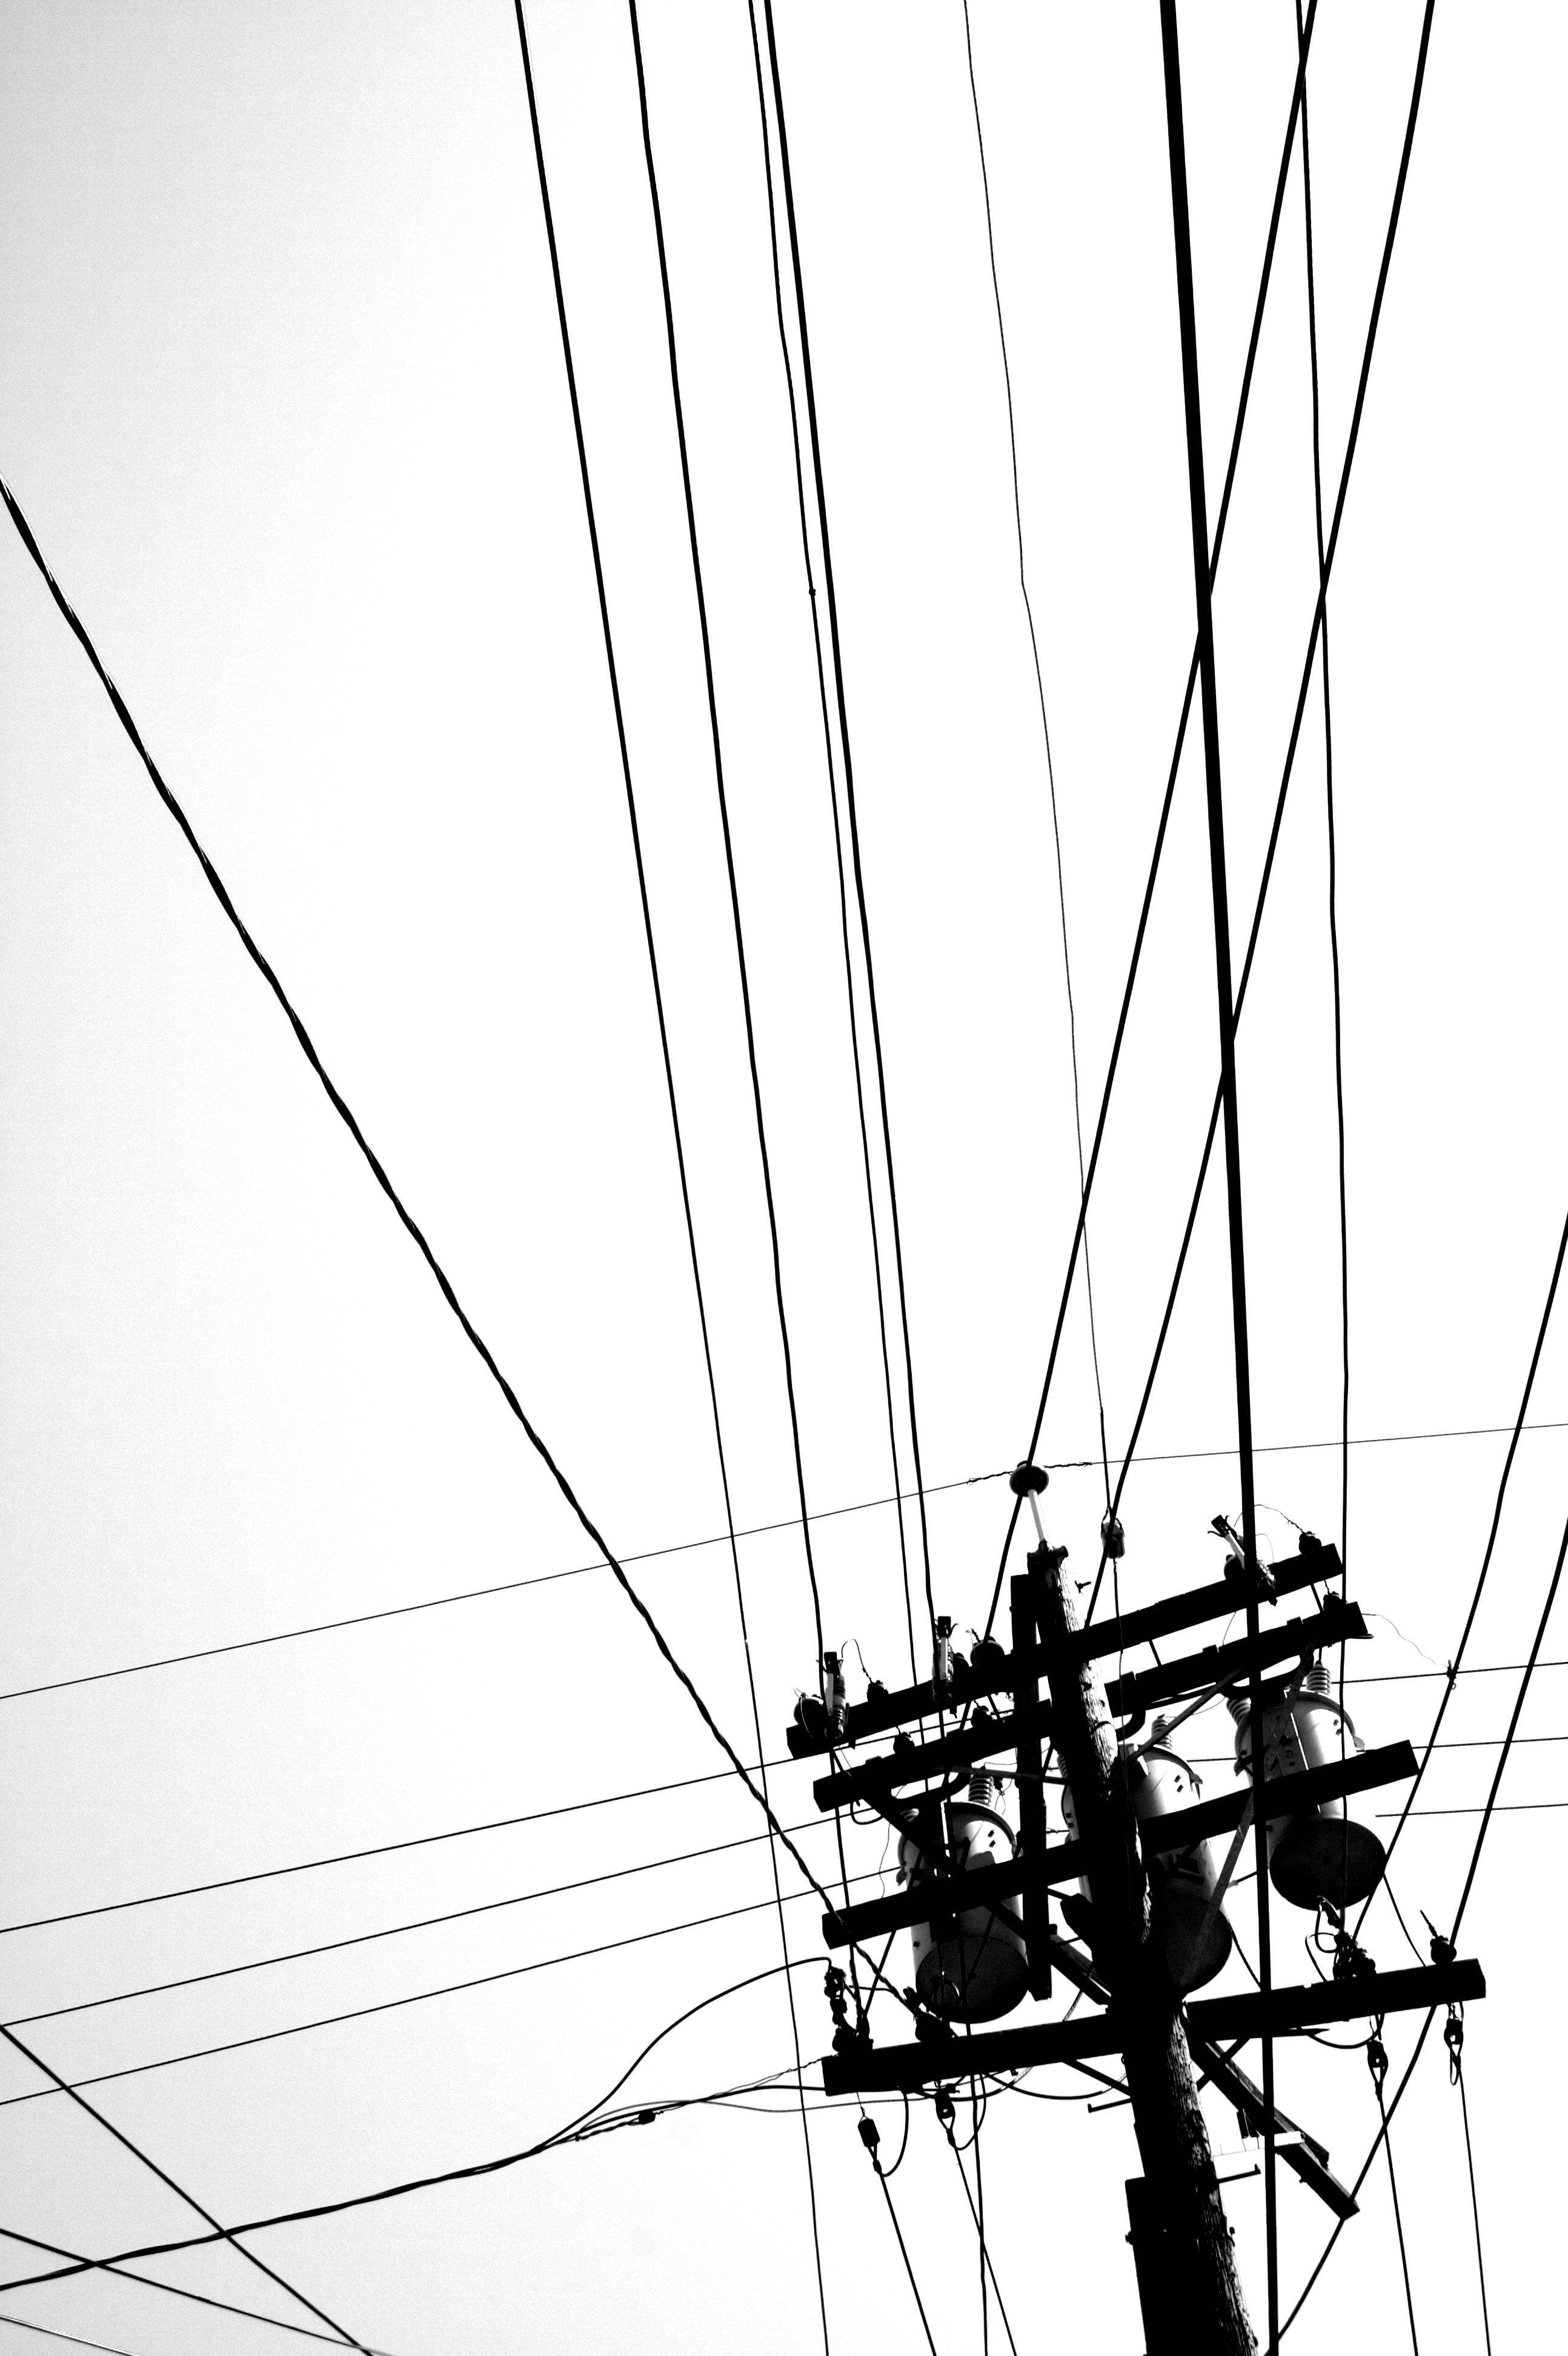 Kostenlose foto : Schwarz und weiß, Linie, Fahrzeug, Mast, Kontrast ...